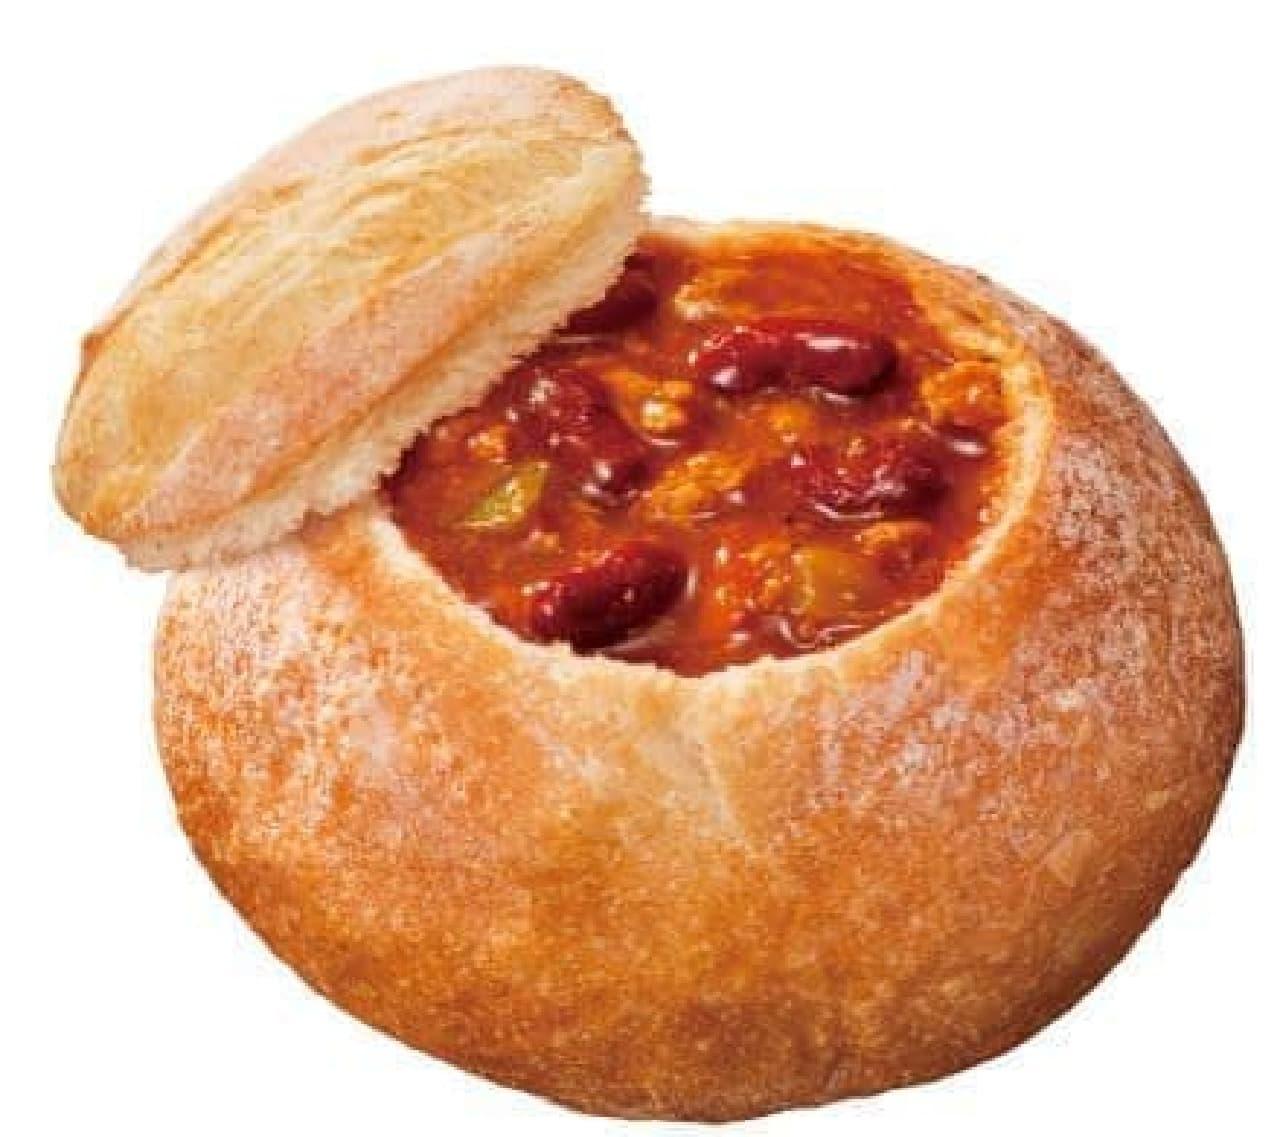 ウェンディーズの人気メニューであるウェンディーズチリが入ったスープパン